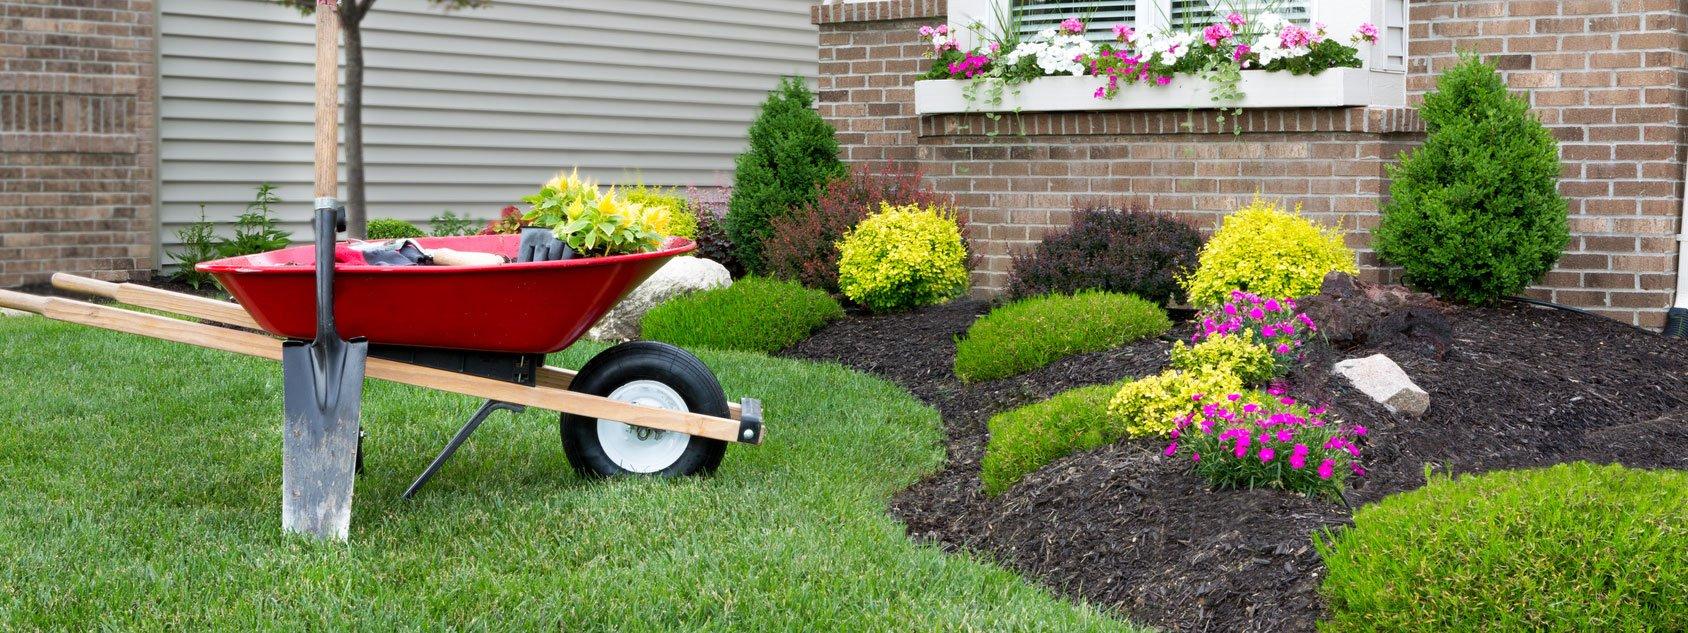 Lavori in giardino al momento giusto cose di casa for Cose per giardino